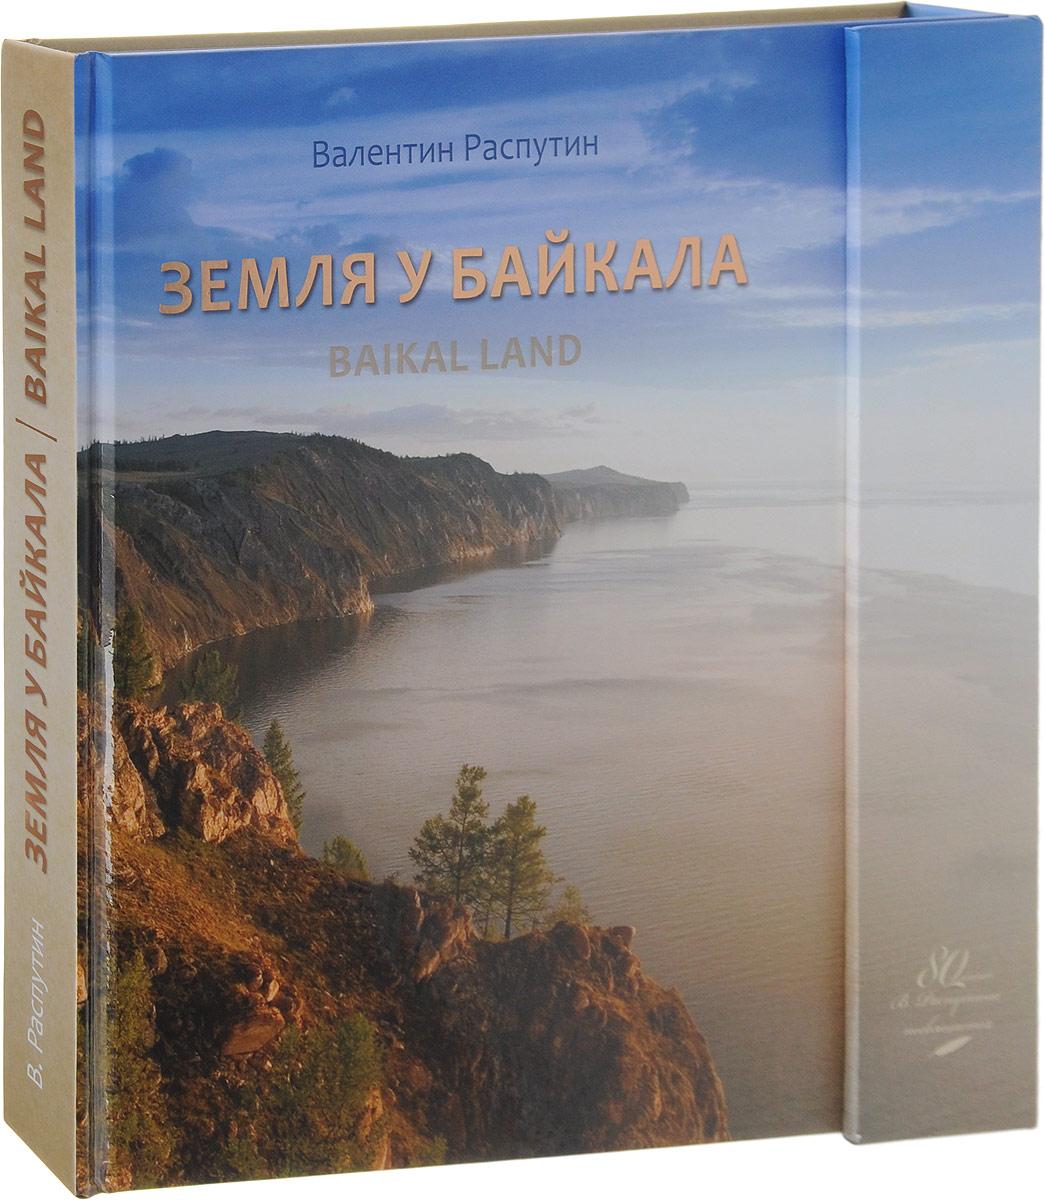 Валентин Распутин Земля у байкала / Baikal Land автоприцепы из кургана в иркутске купить